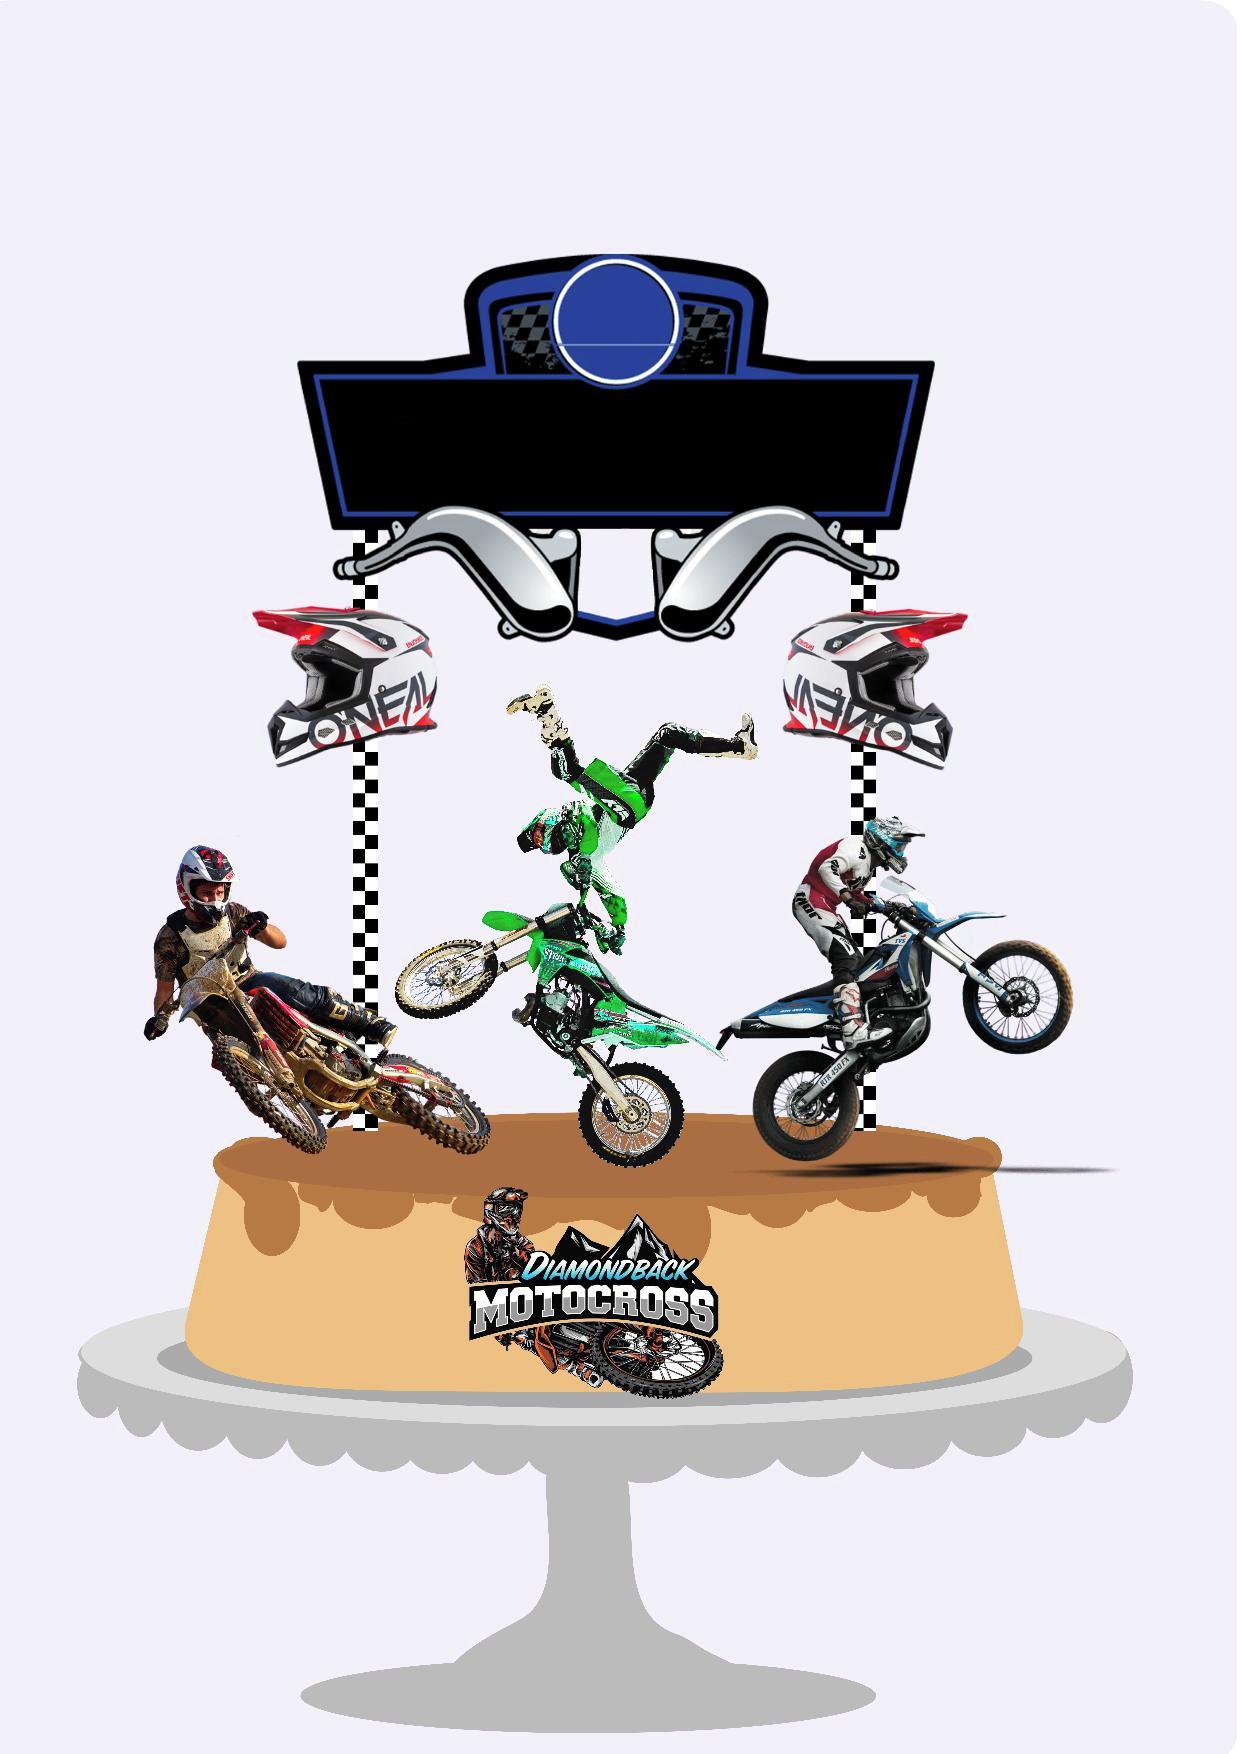 Topo De Bolo Motocross No Elo7 Personalizow 11e9fbe